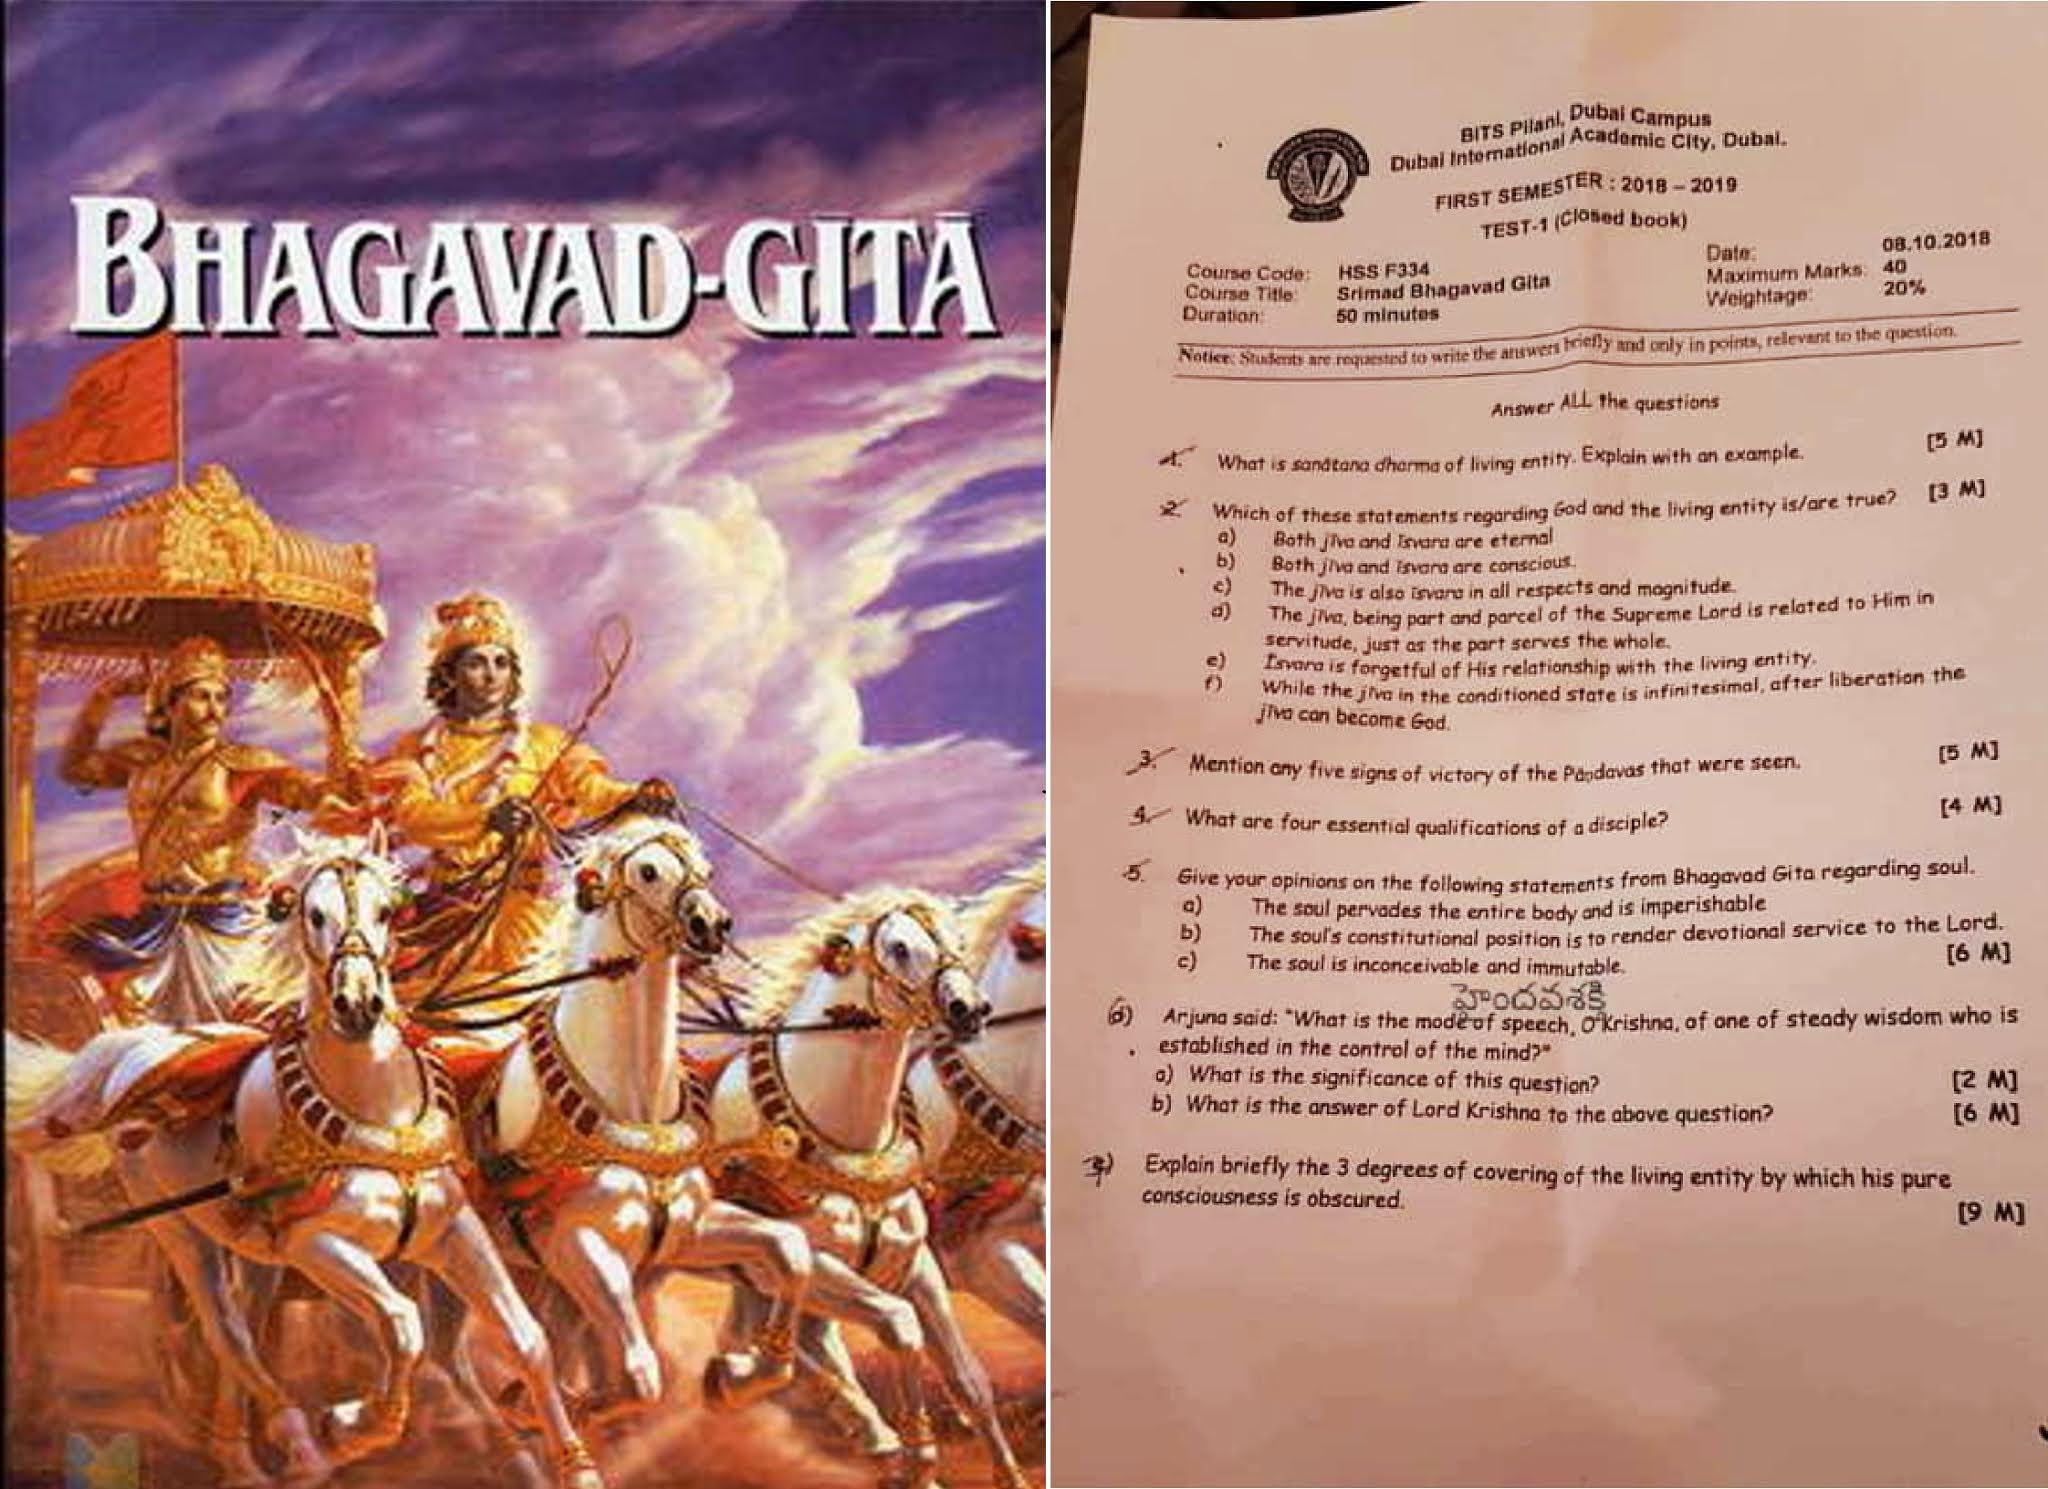 ఇస్లామిక్ దేశంలో పాఠ్యాంశంగా 'భగవద్గీత' - Bhagavad Gita as a subject in the Islamic country